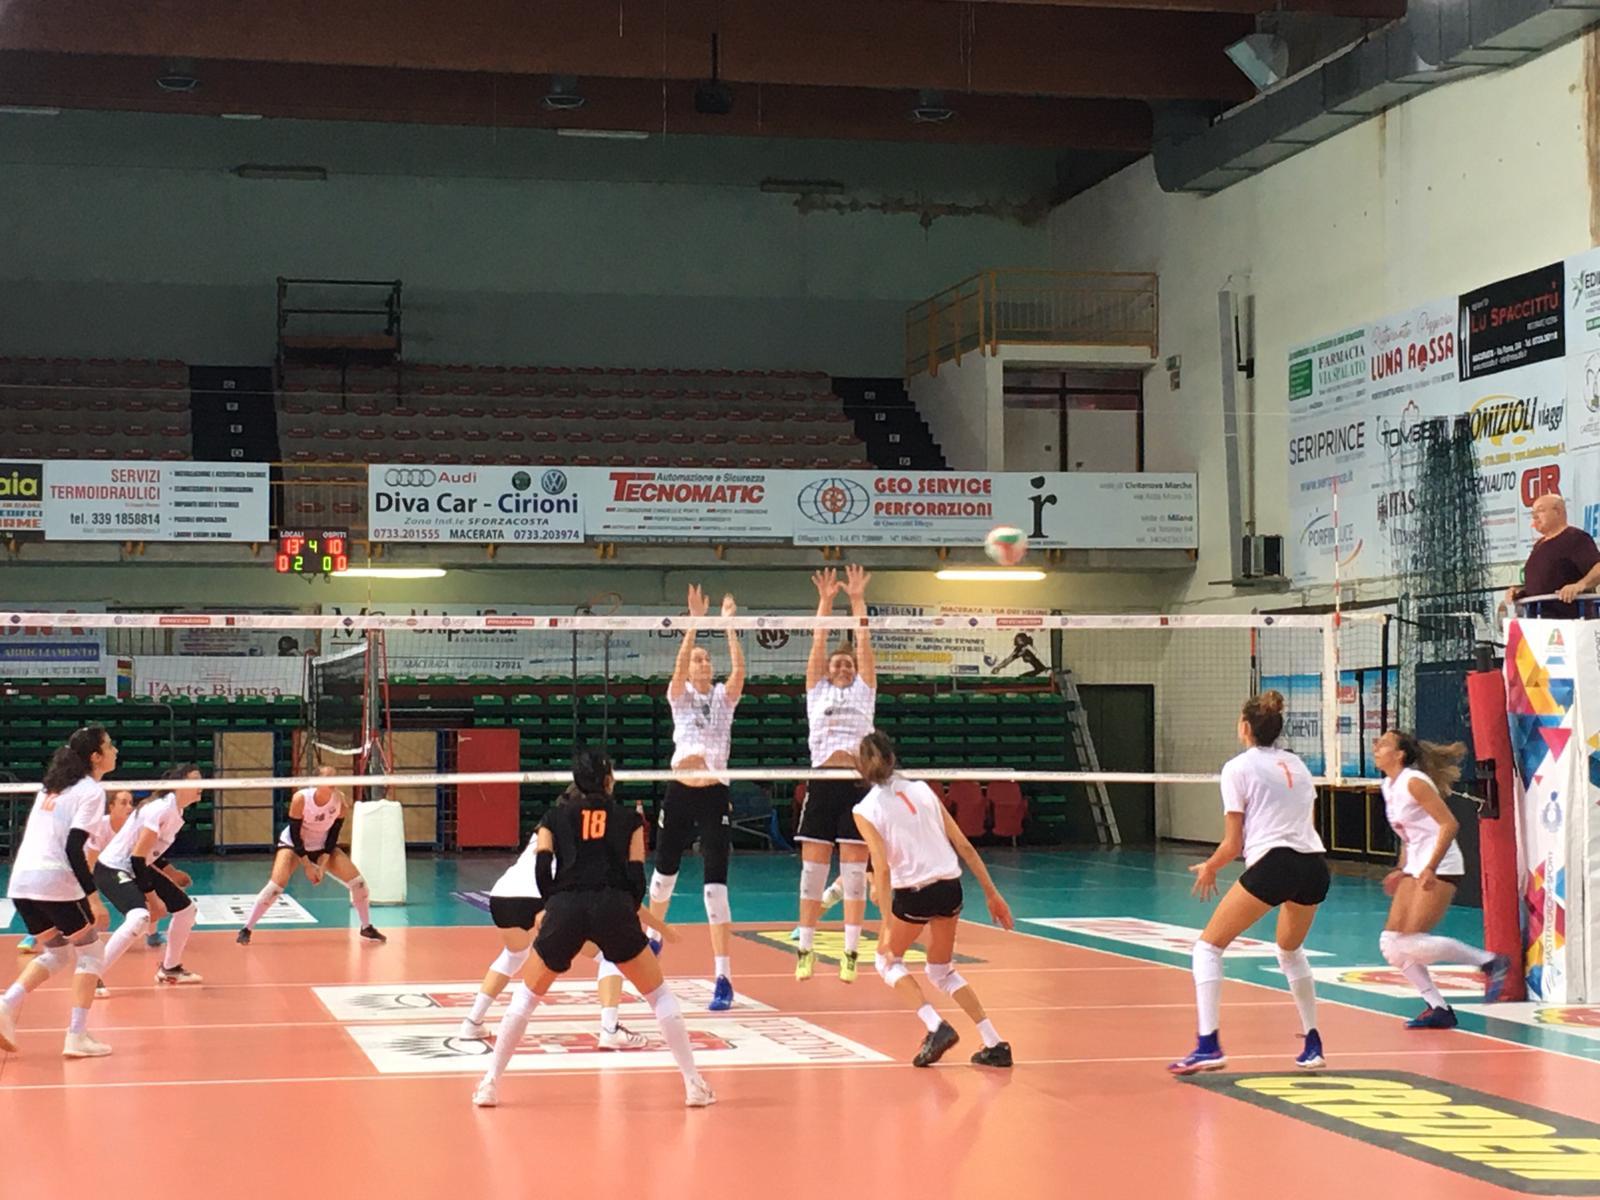 CBF Balducci HR Volley, prima di A2 con pubblico (200 persone)